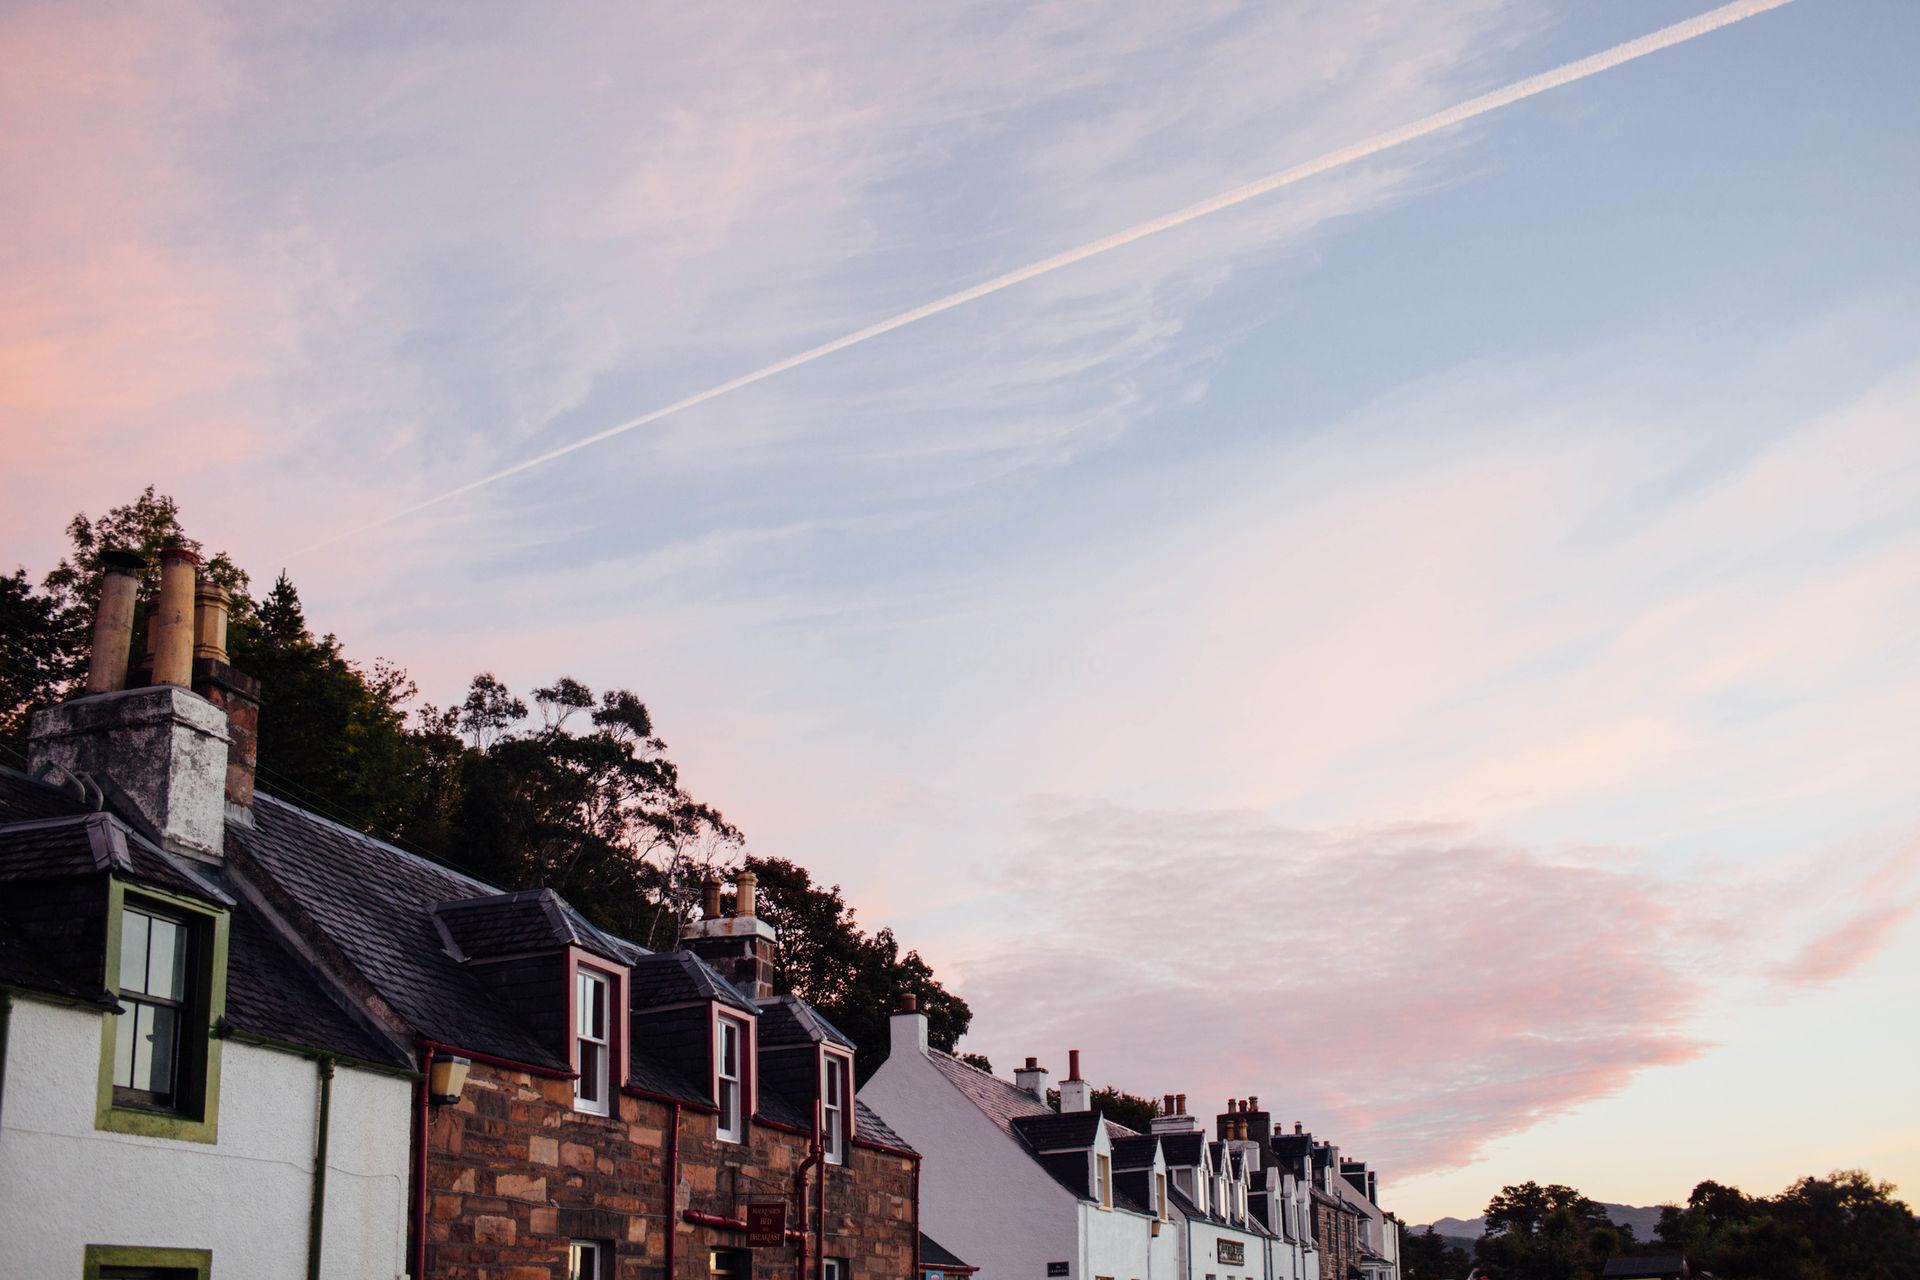 scotland rooftops pink sky